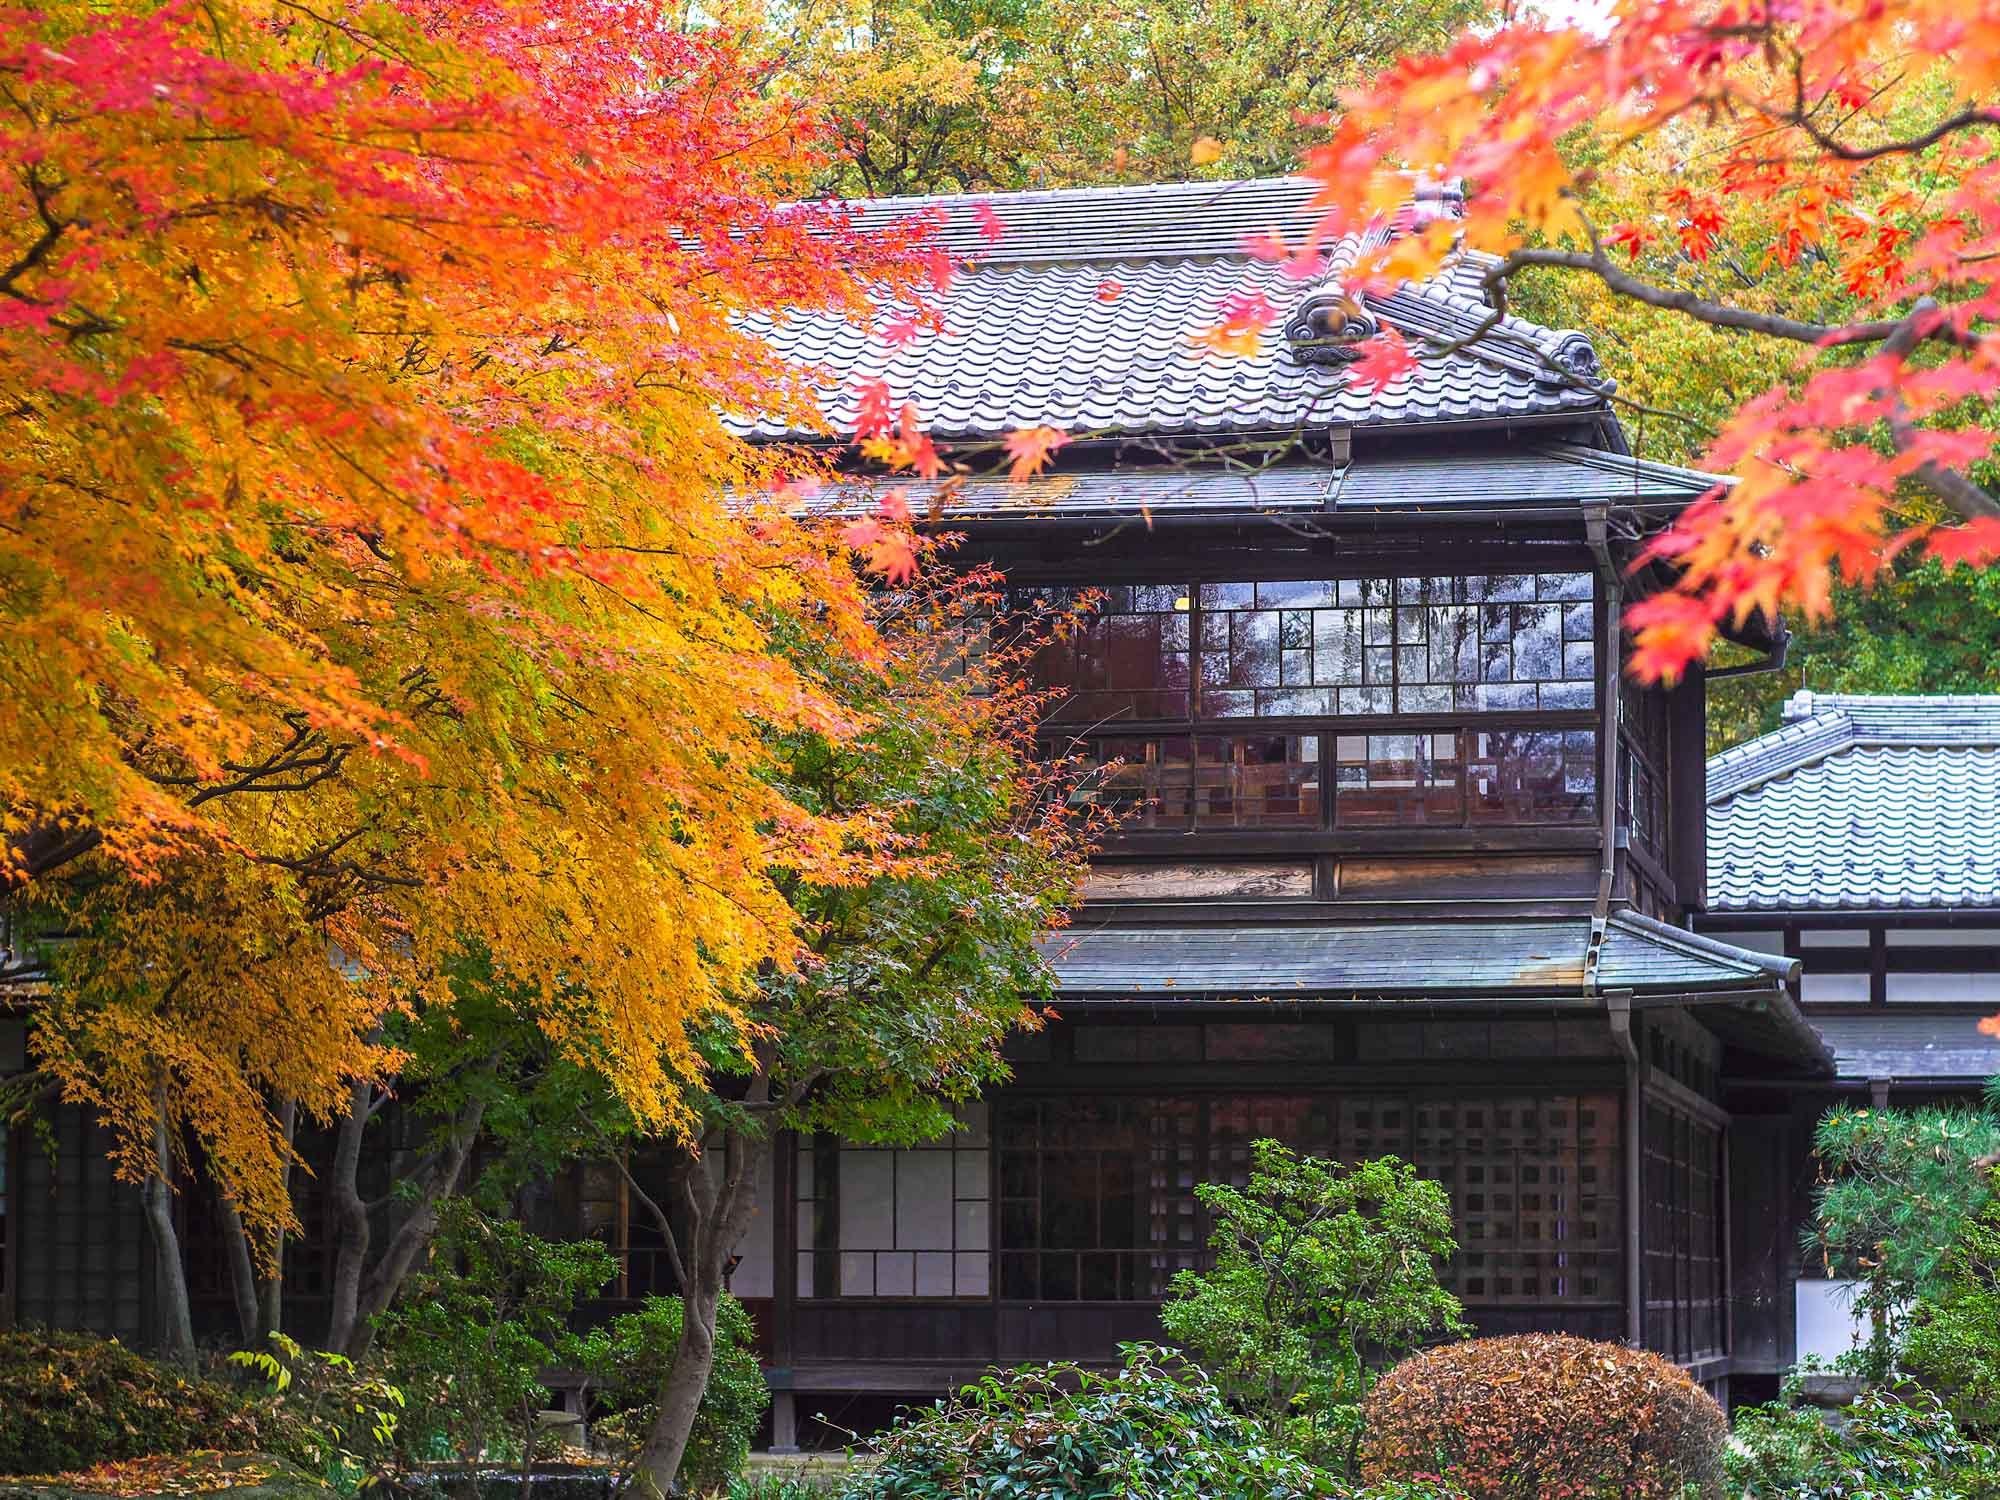 Museo de Arquitectura al aire libre Edo Tokyo